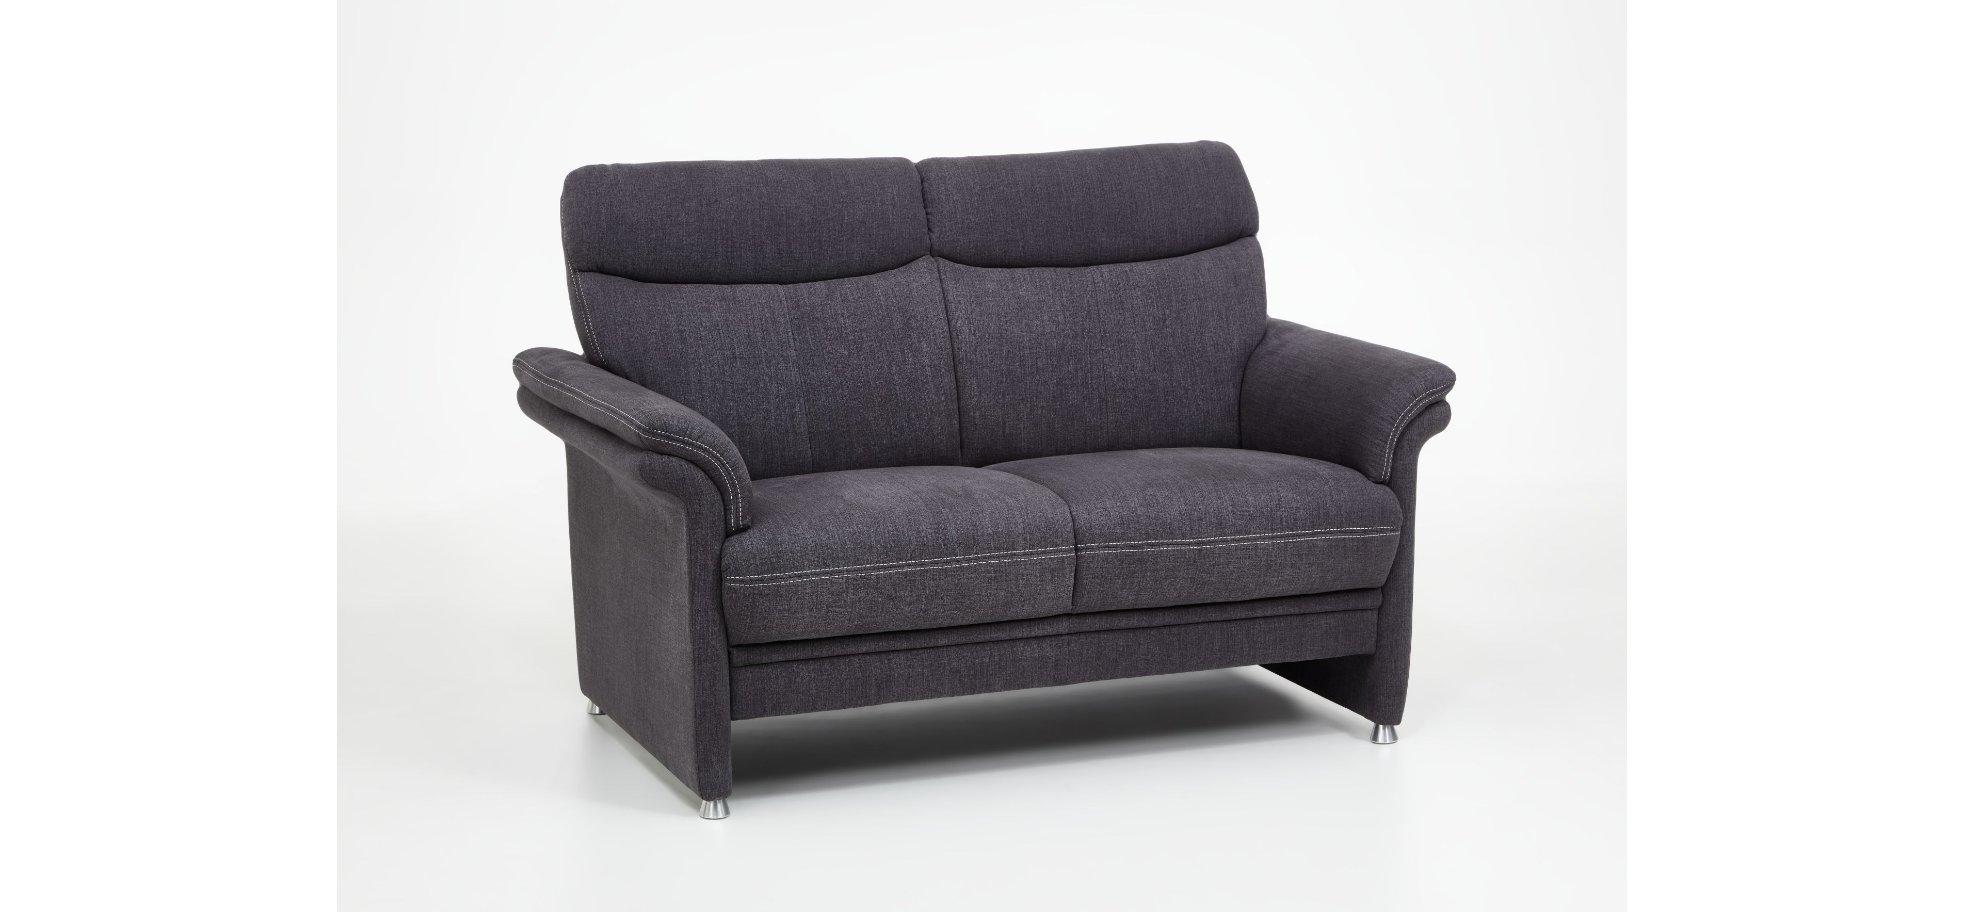 Full Size of 2 Sitzer Sofa In Anthrazit Sofas Couches Wohnzimmer Mbel Mit Bettfunktion Grünes Stoff Reiniger Spannbezug Grau Leder Rund Günstig Xxxl L Form Recamiere Sofa 2 Sitzer Sofa